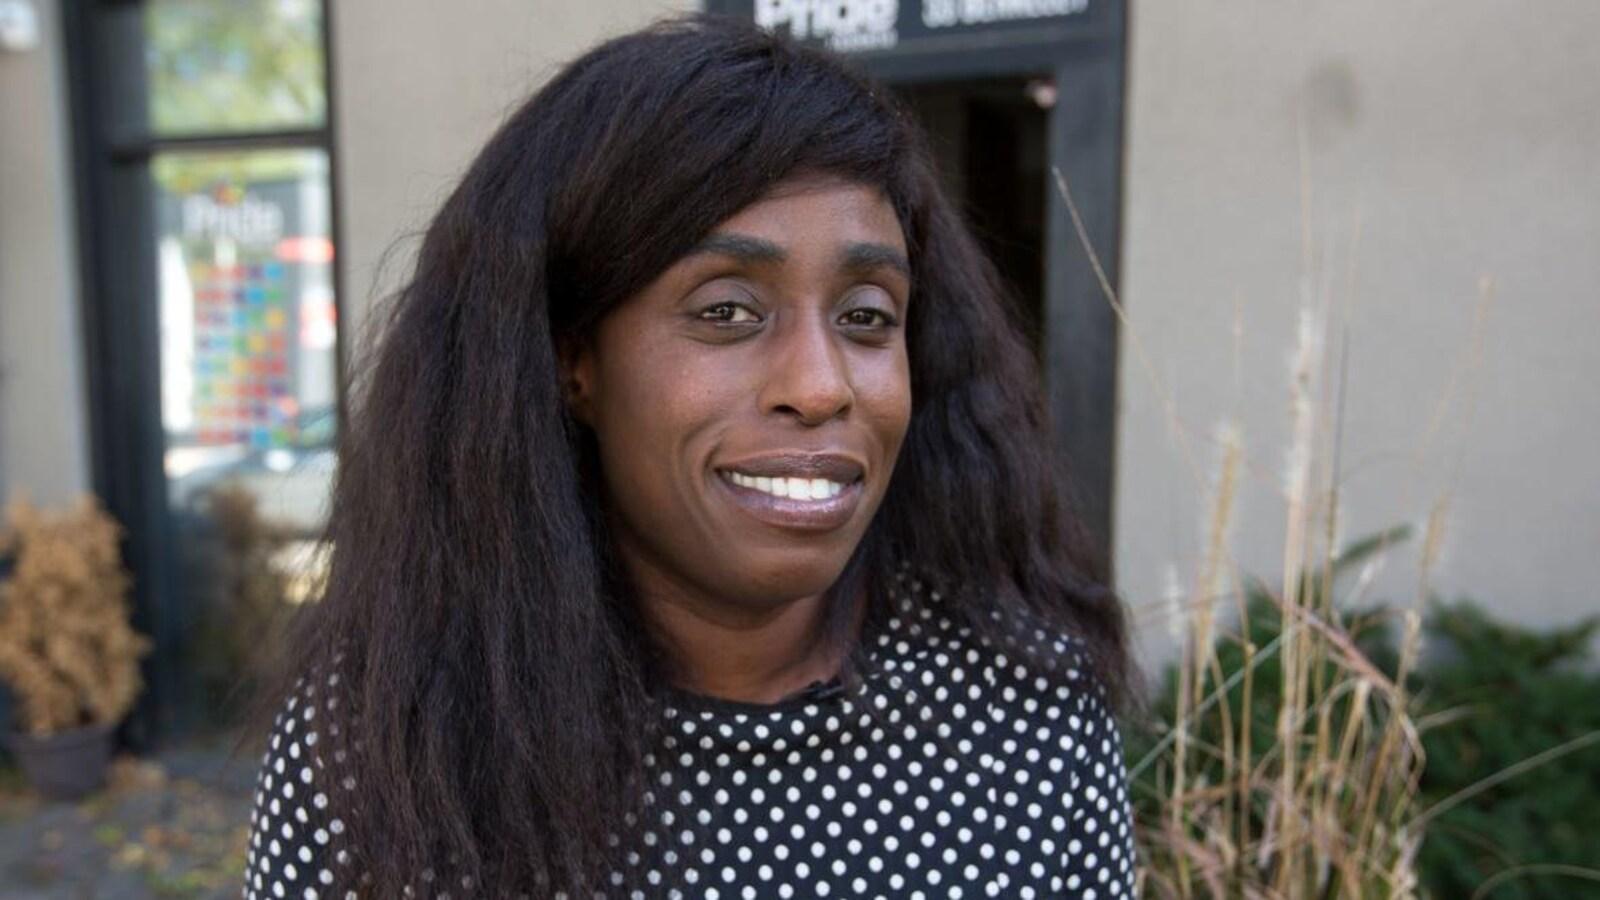 Photo d'une femme noire aux cheveux longs à l'extérieur d'un édifice